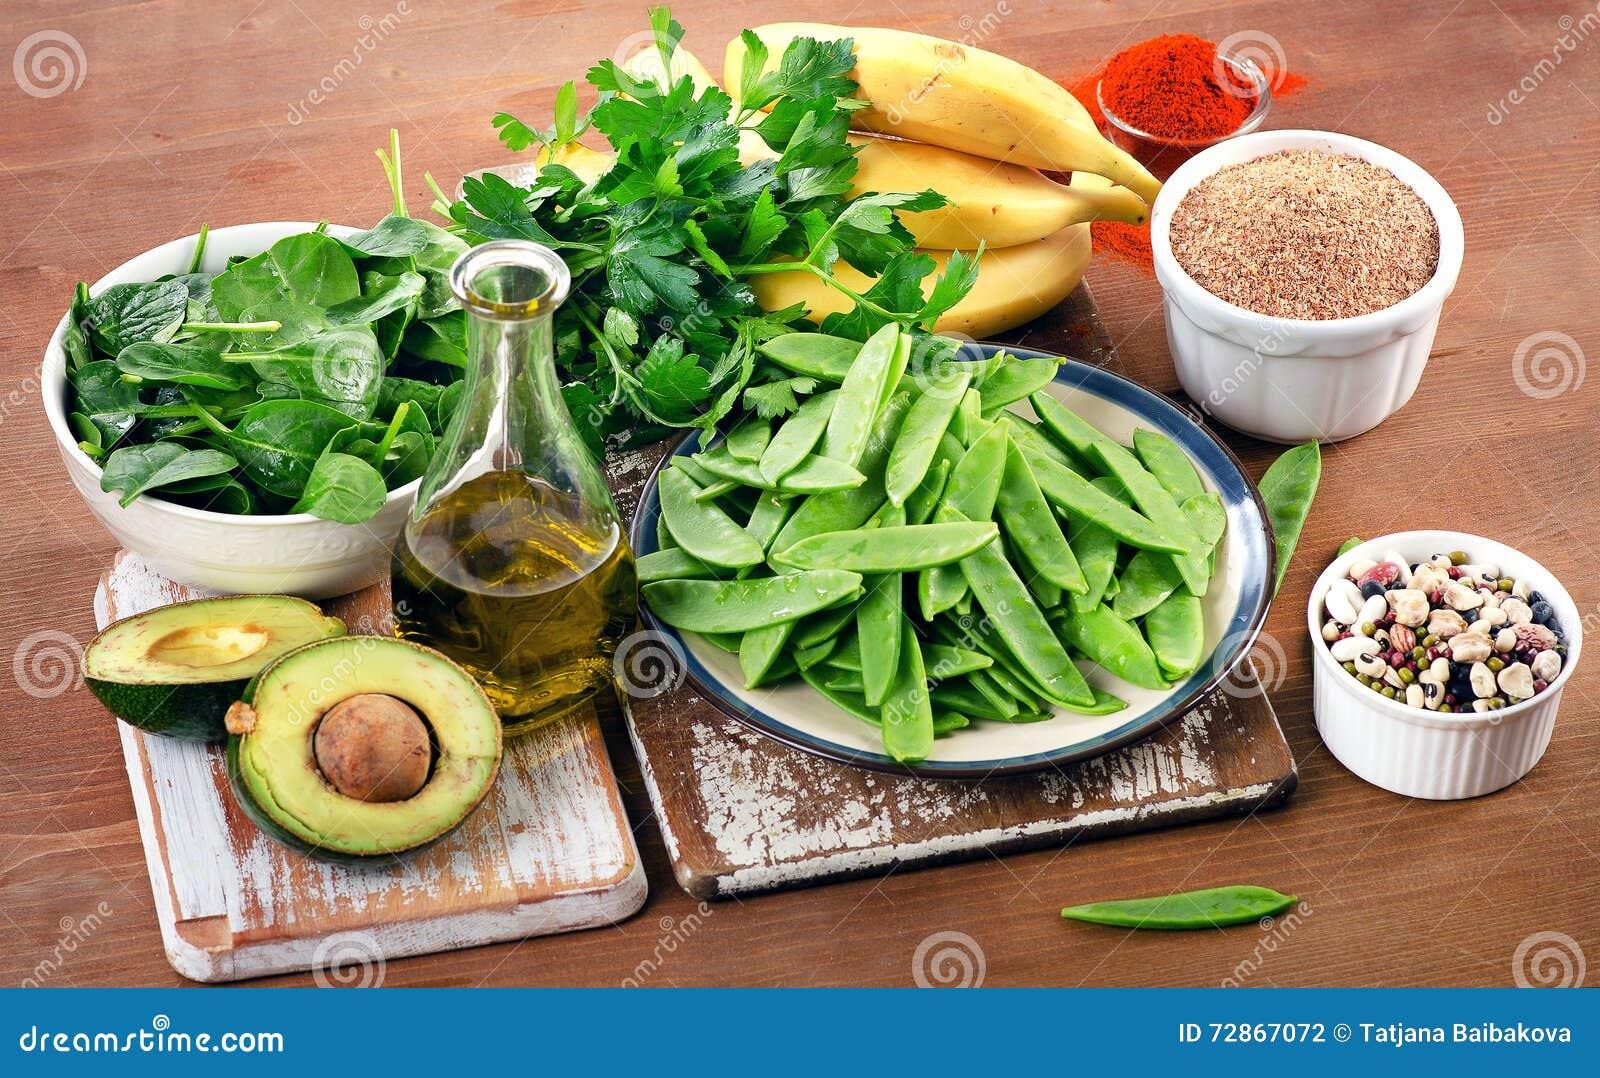 Foods högt i vitamin K på ett träbräde äta som är sunt